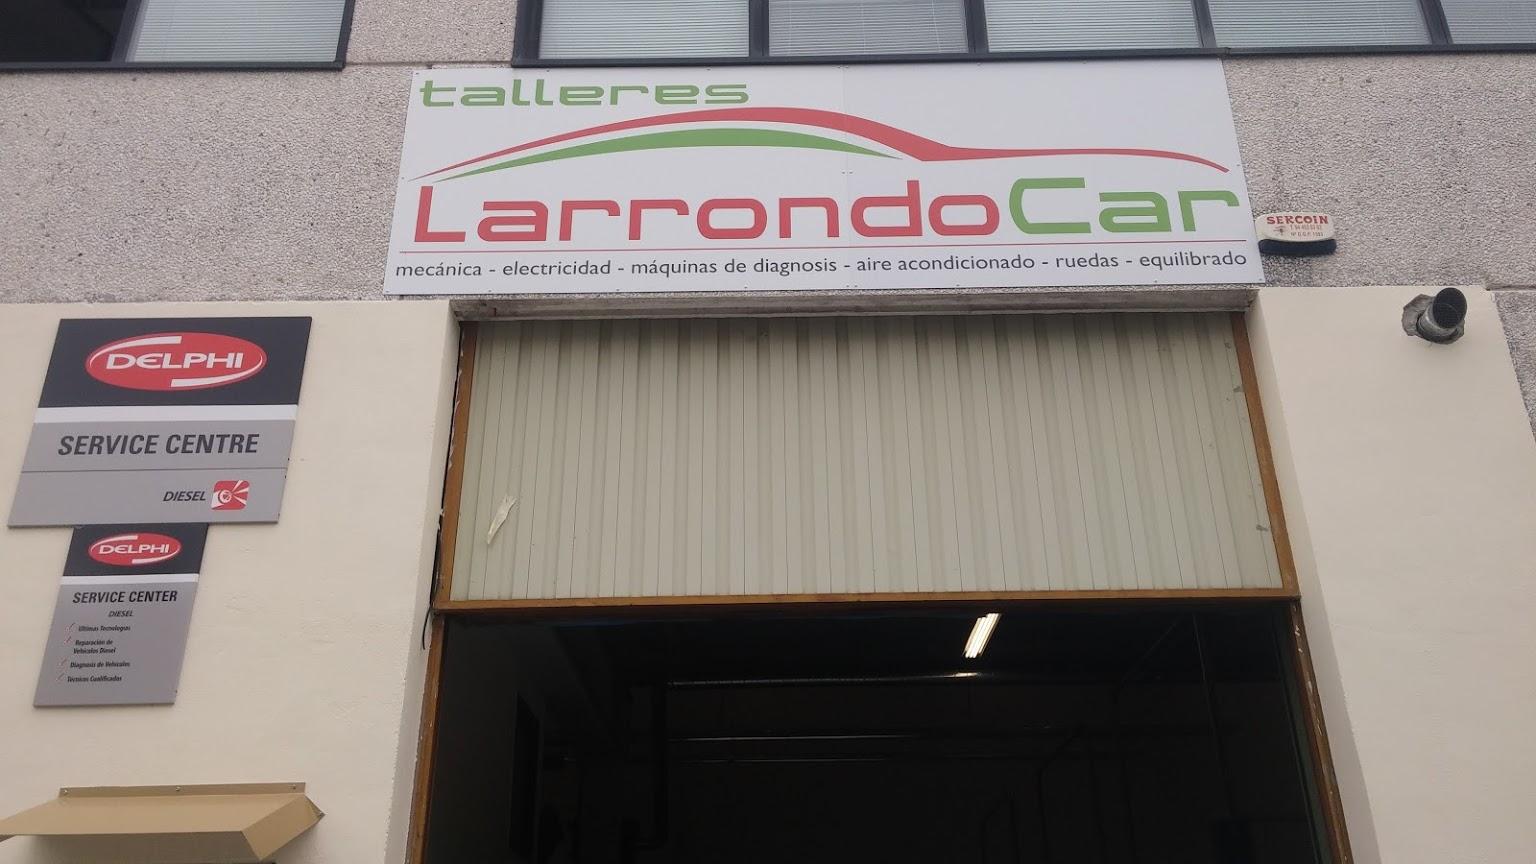 LarrondoCar Es Nuestro Nuevo Asociado En Loiu (Bizkaia)